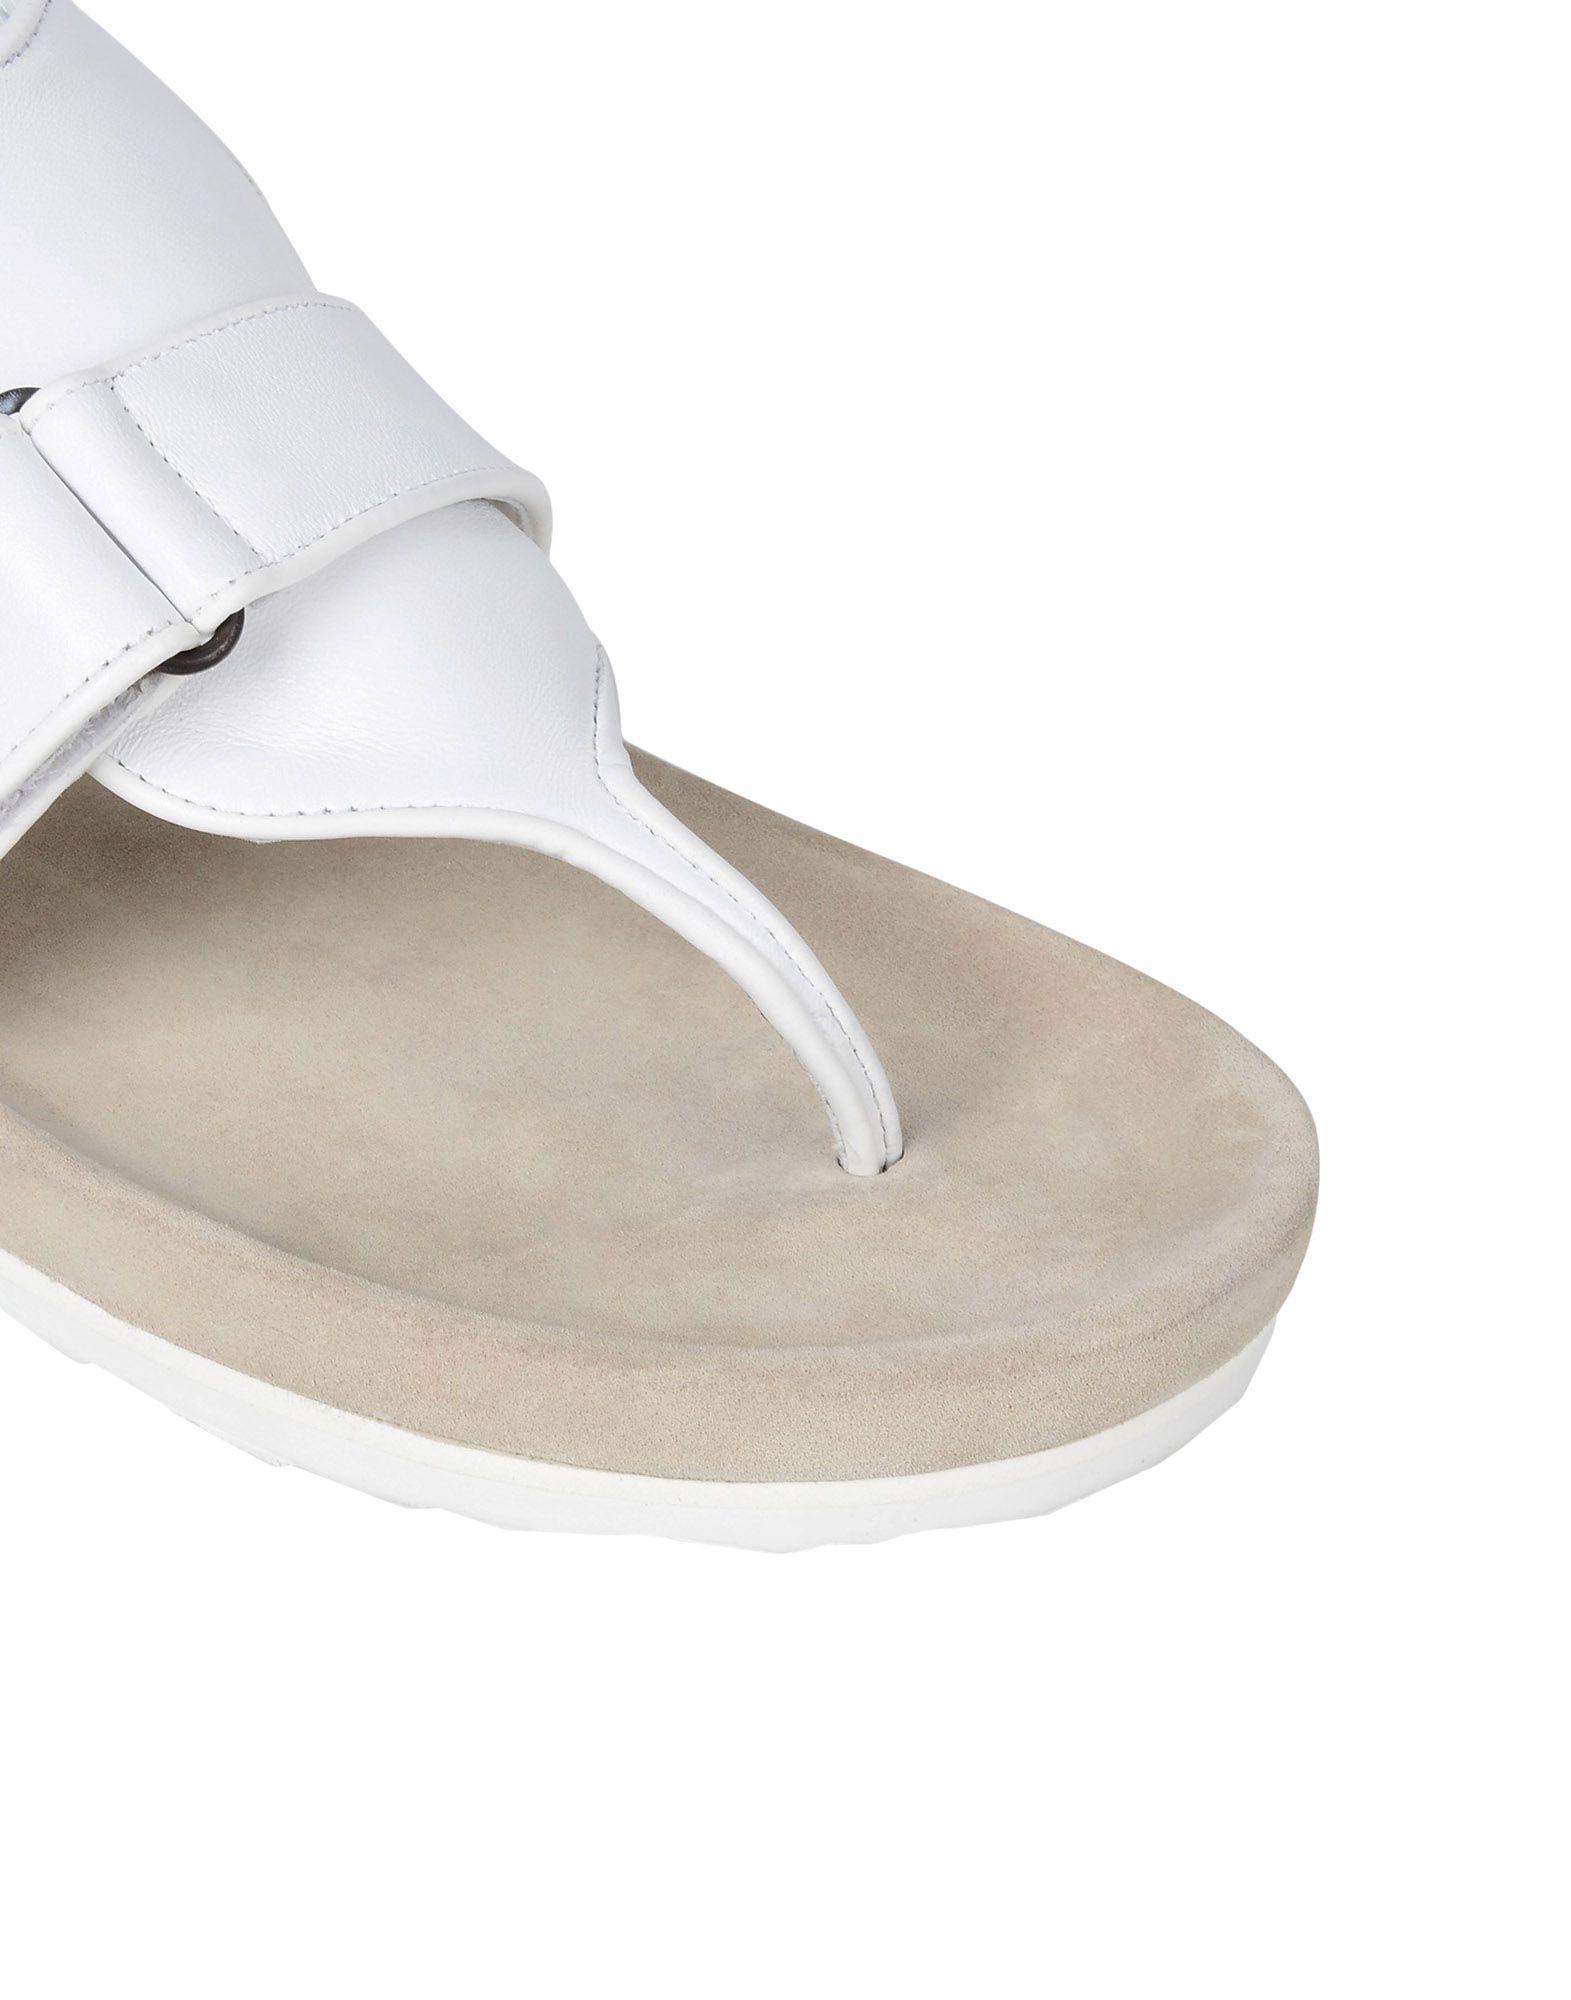 Pierre Hardy Dianetten Damen  11394373XN 11394373XN  Beliebte Schuhe f92961